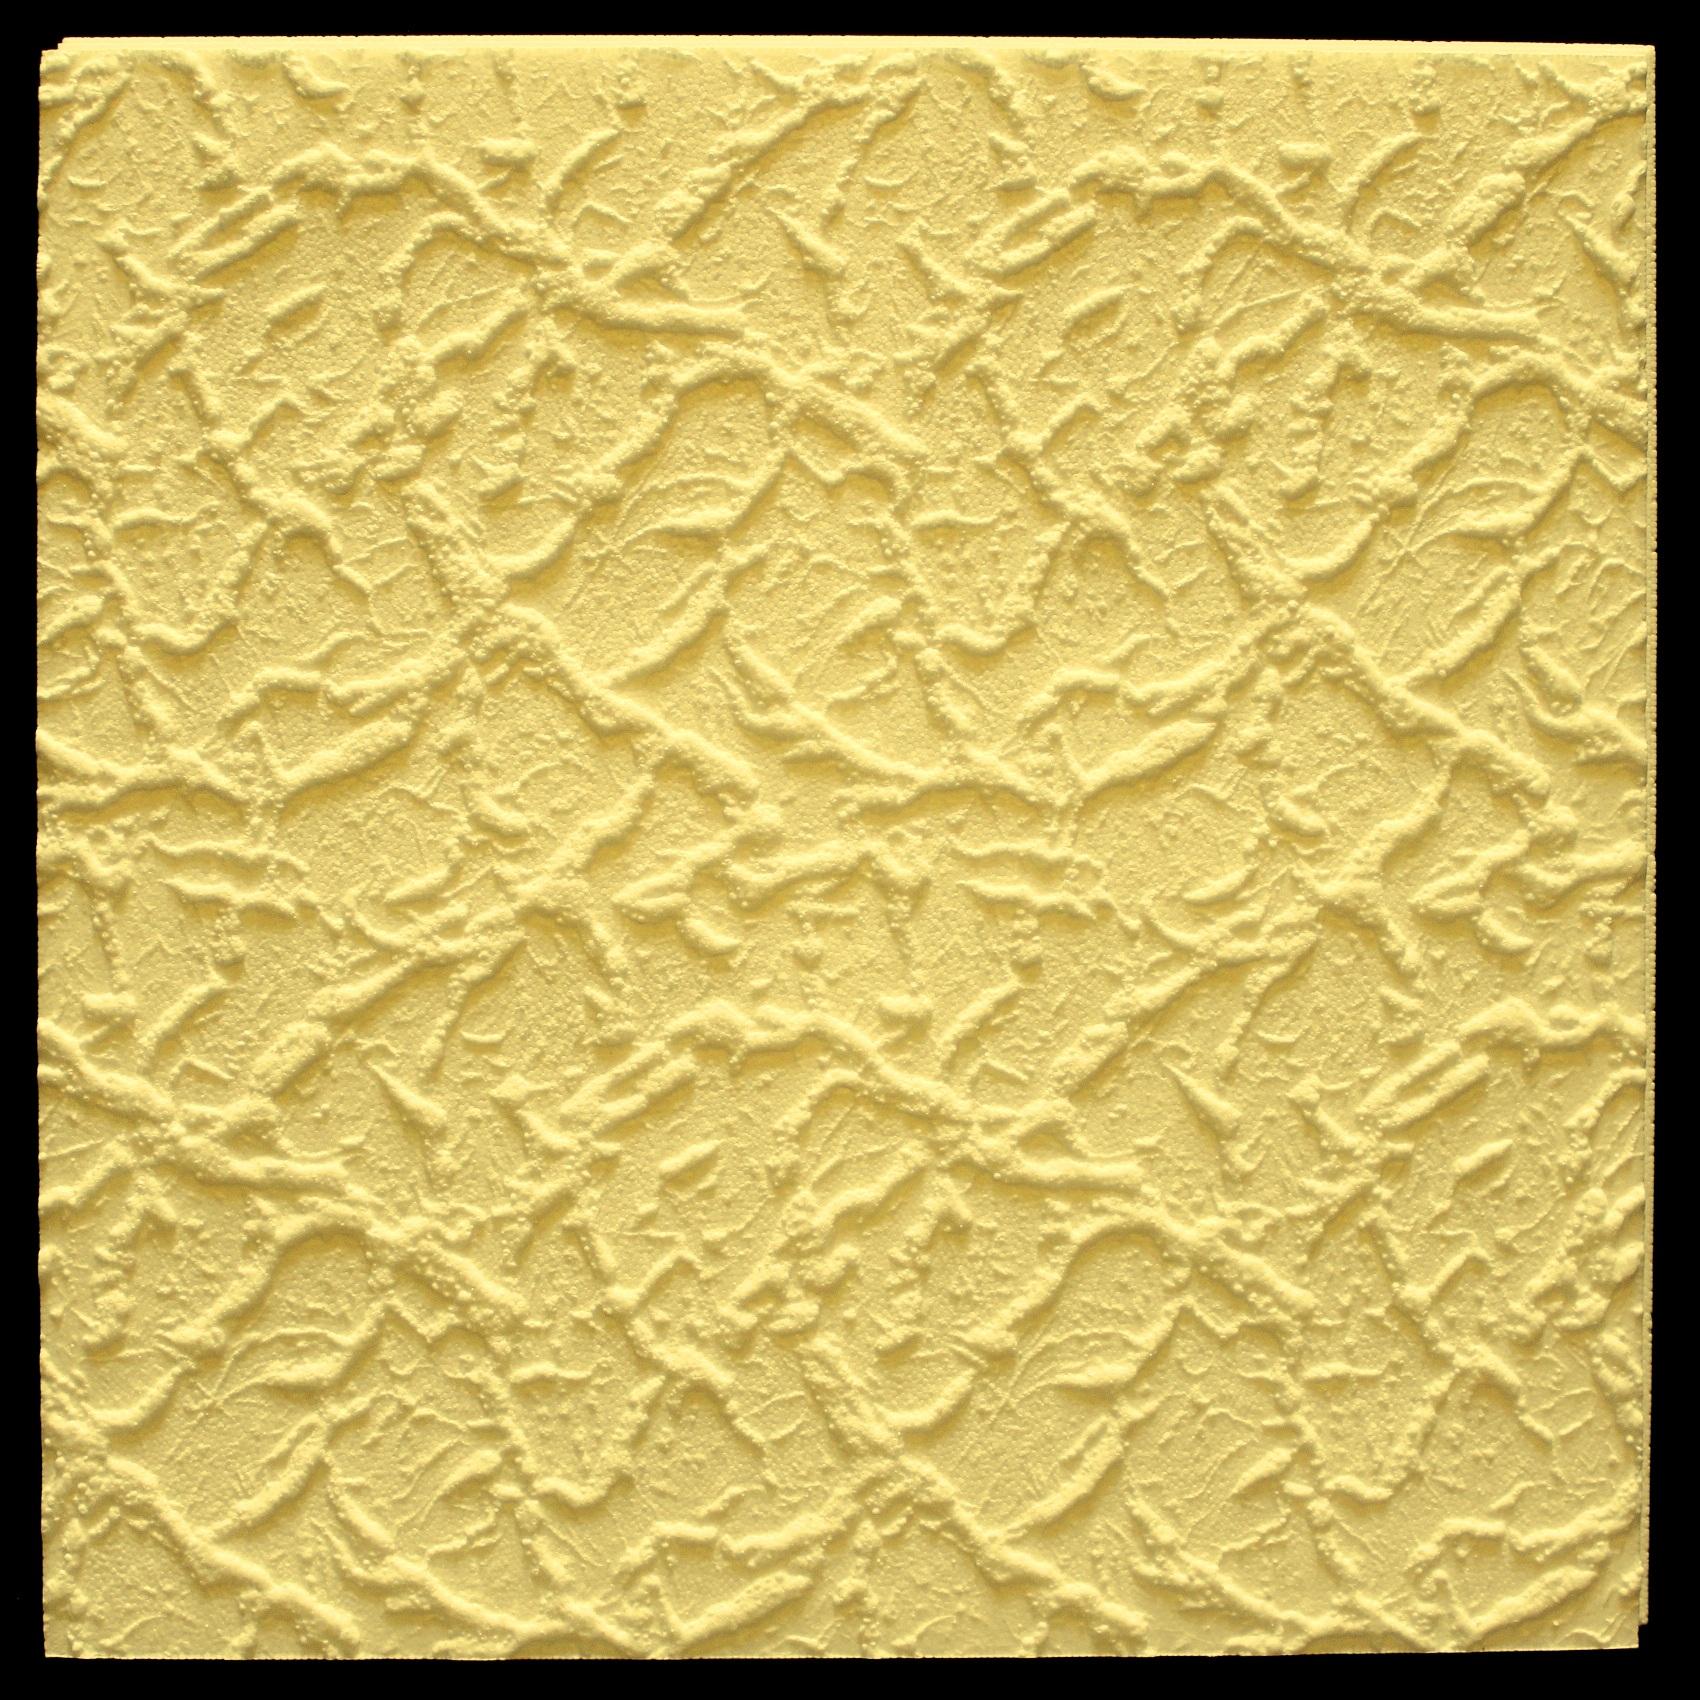 En Polystyrène Pour Habillage De Plafond Plinthes stuc Décoration